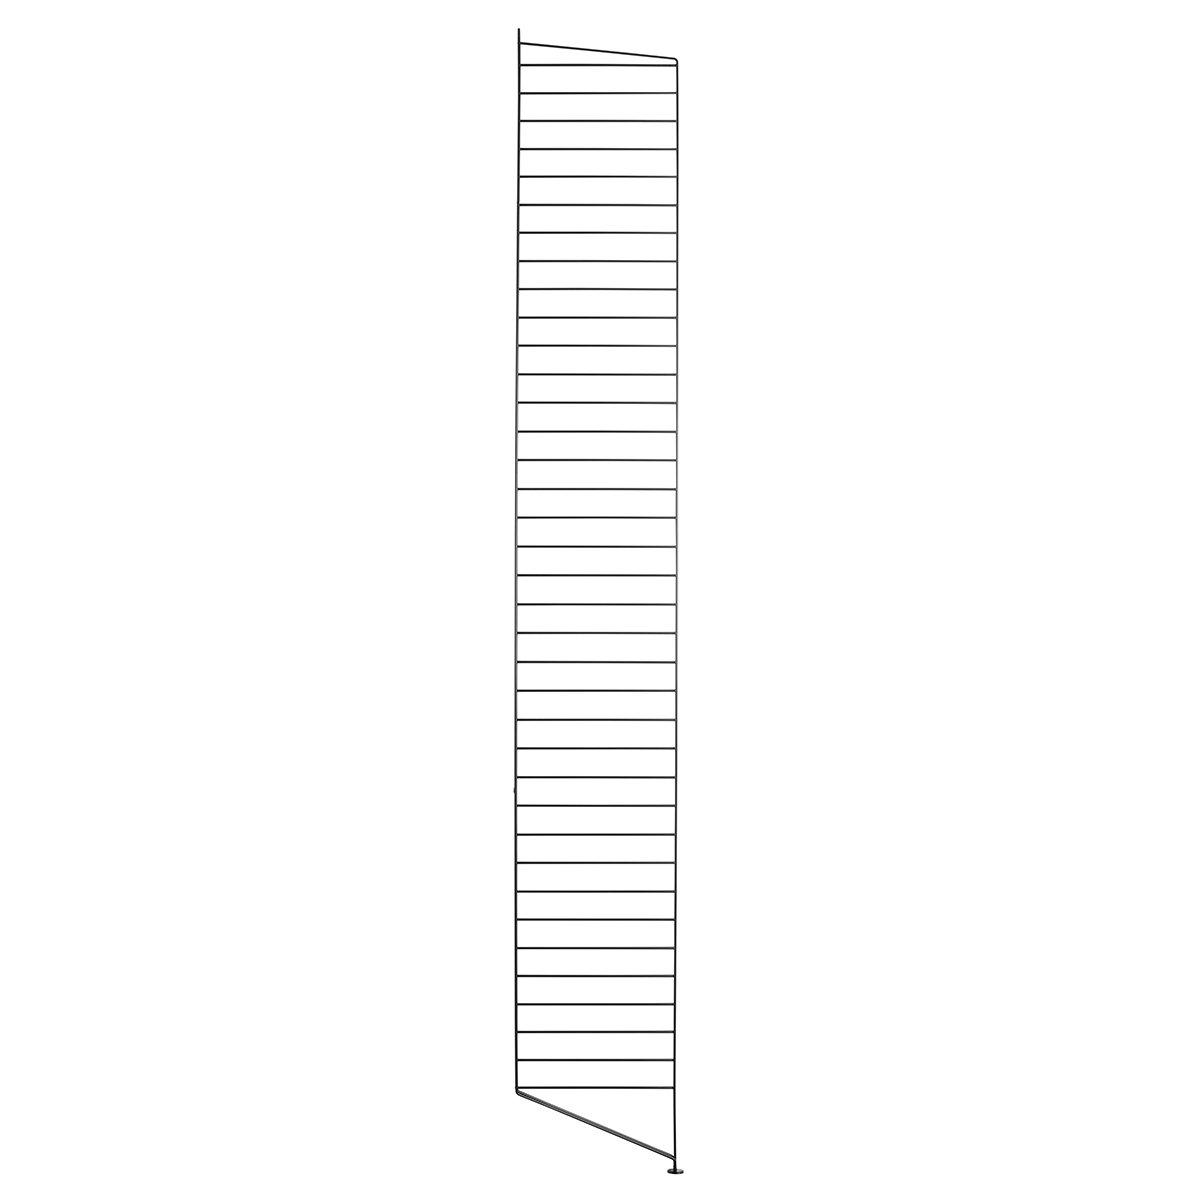 String Bodenleiter 200 schwarz 200 Bodenleiter x 30cm 78c939